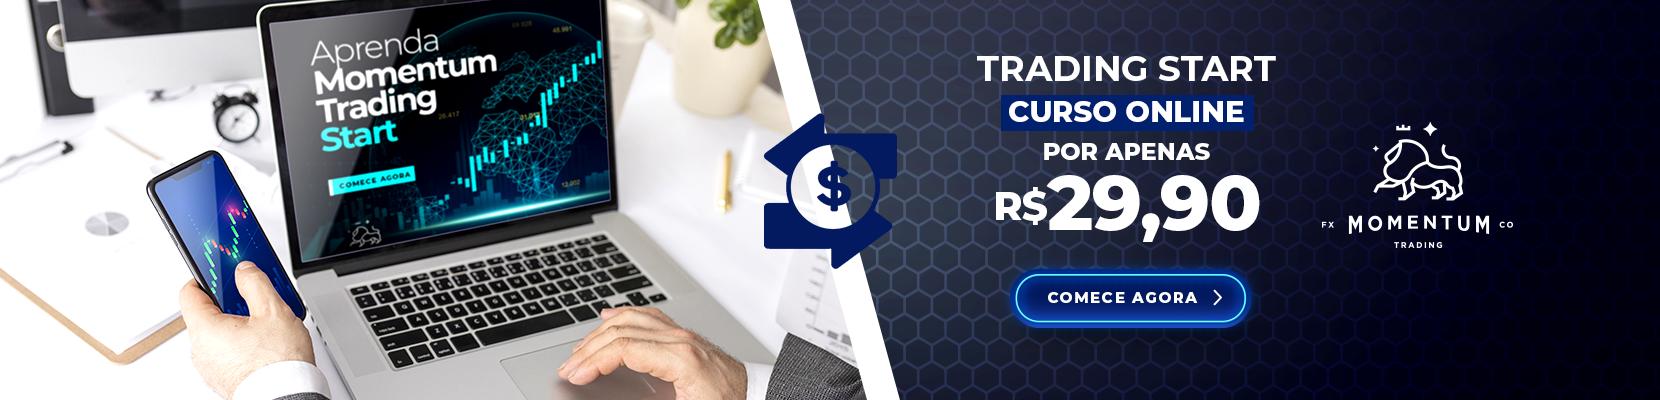 Trading Start Online